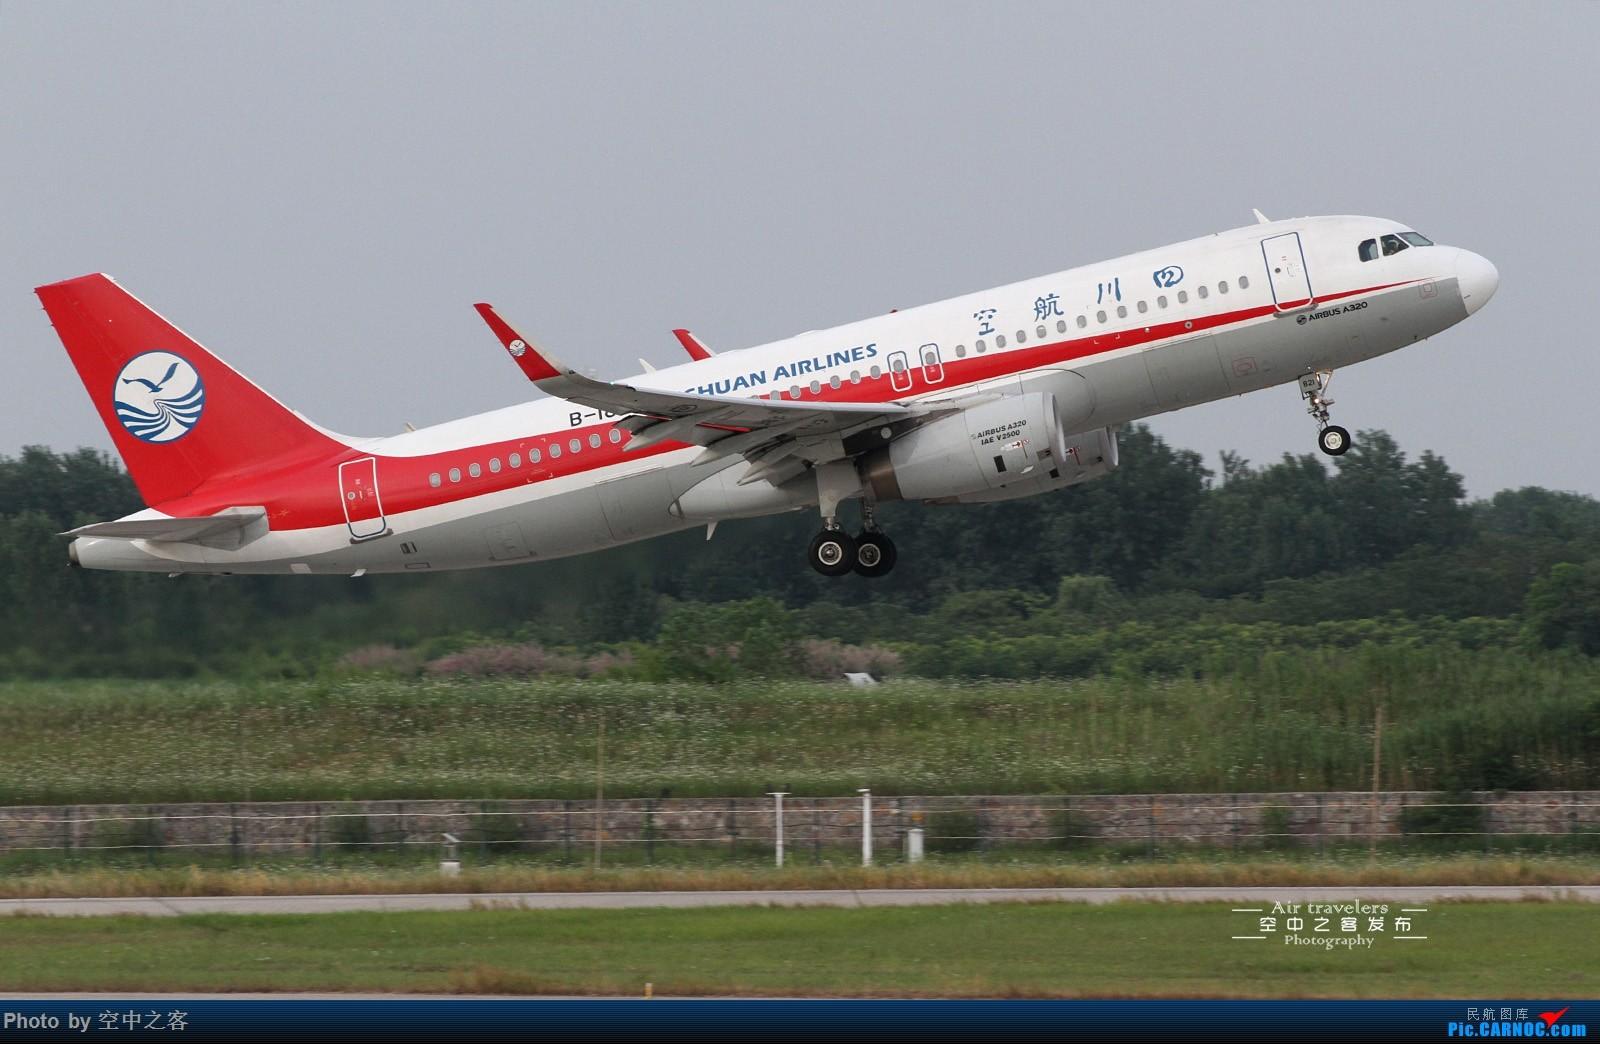 Re:[原创][合肥飞友会·霸都打机队]空中之客发布 新机场A5拍机位草都长一人高了 拍拍拉起 AIRBUS A320-200 B-1882 合肥新桥国际机场